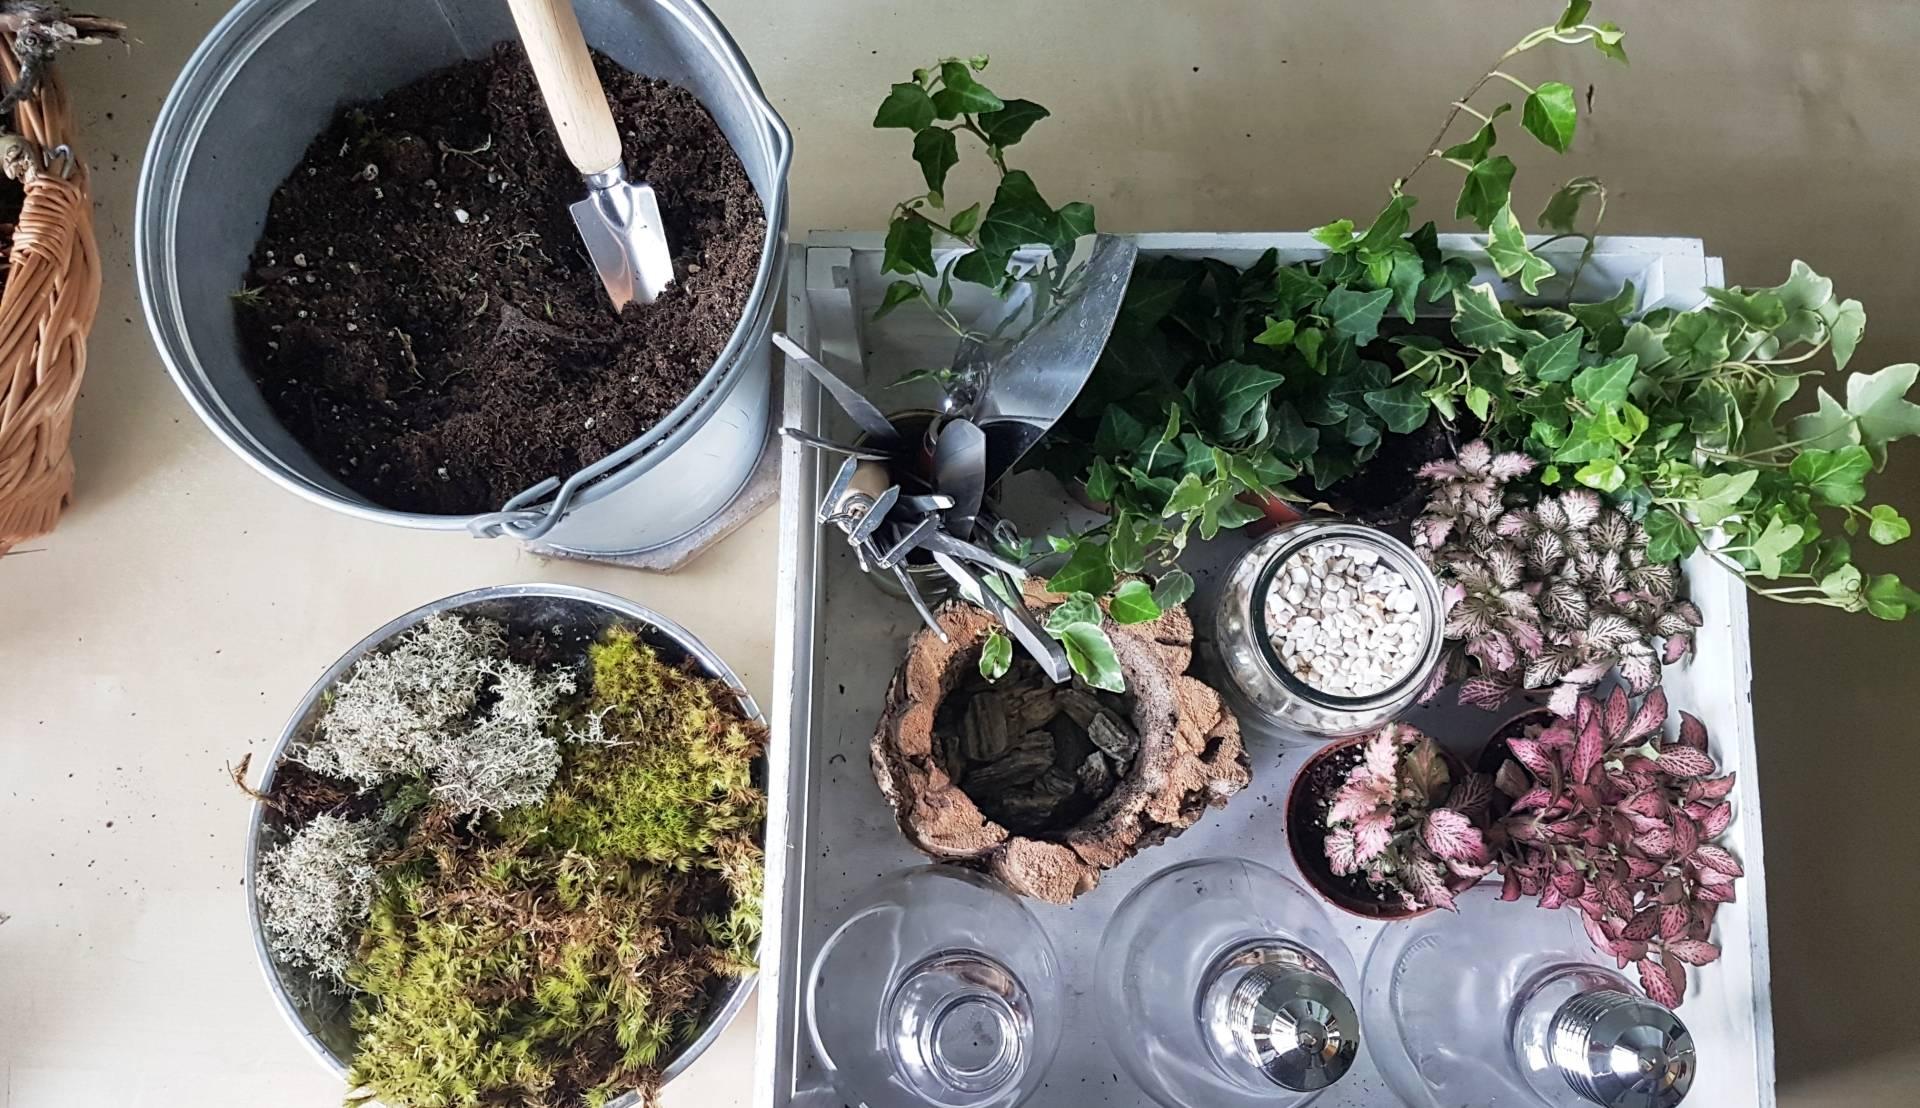 Jak zrobić las w słoiku krok po kroku? Ziemia, rośliny do słoju, dodatki dekoracyjne.